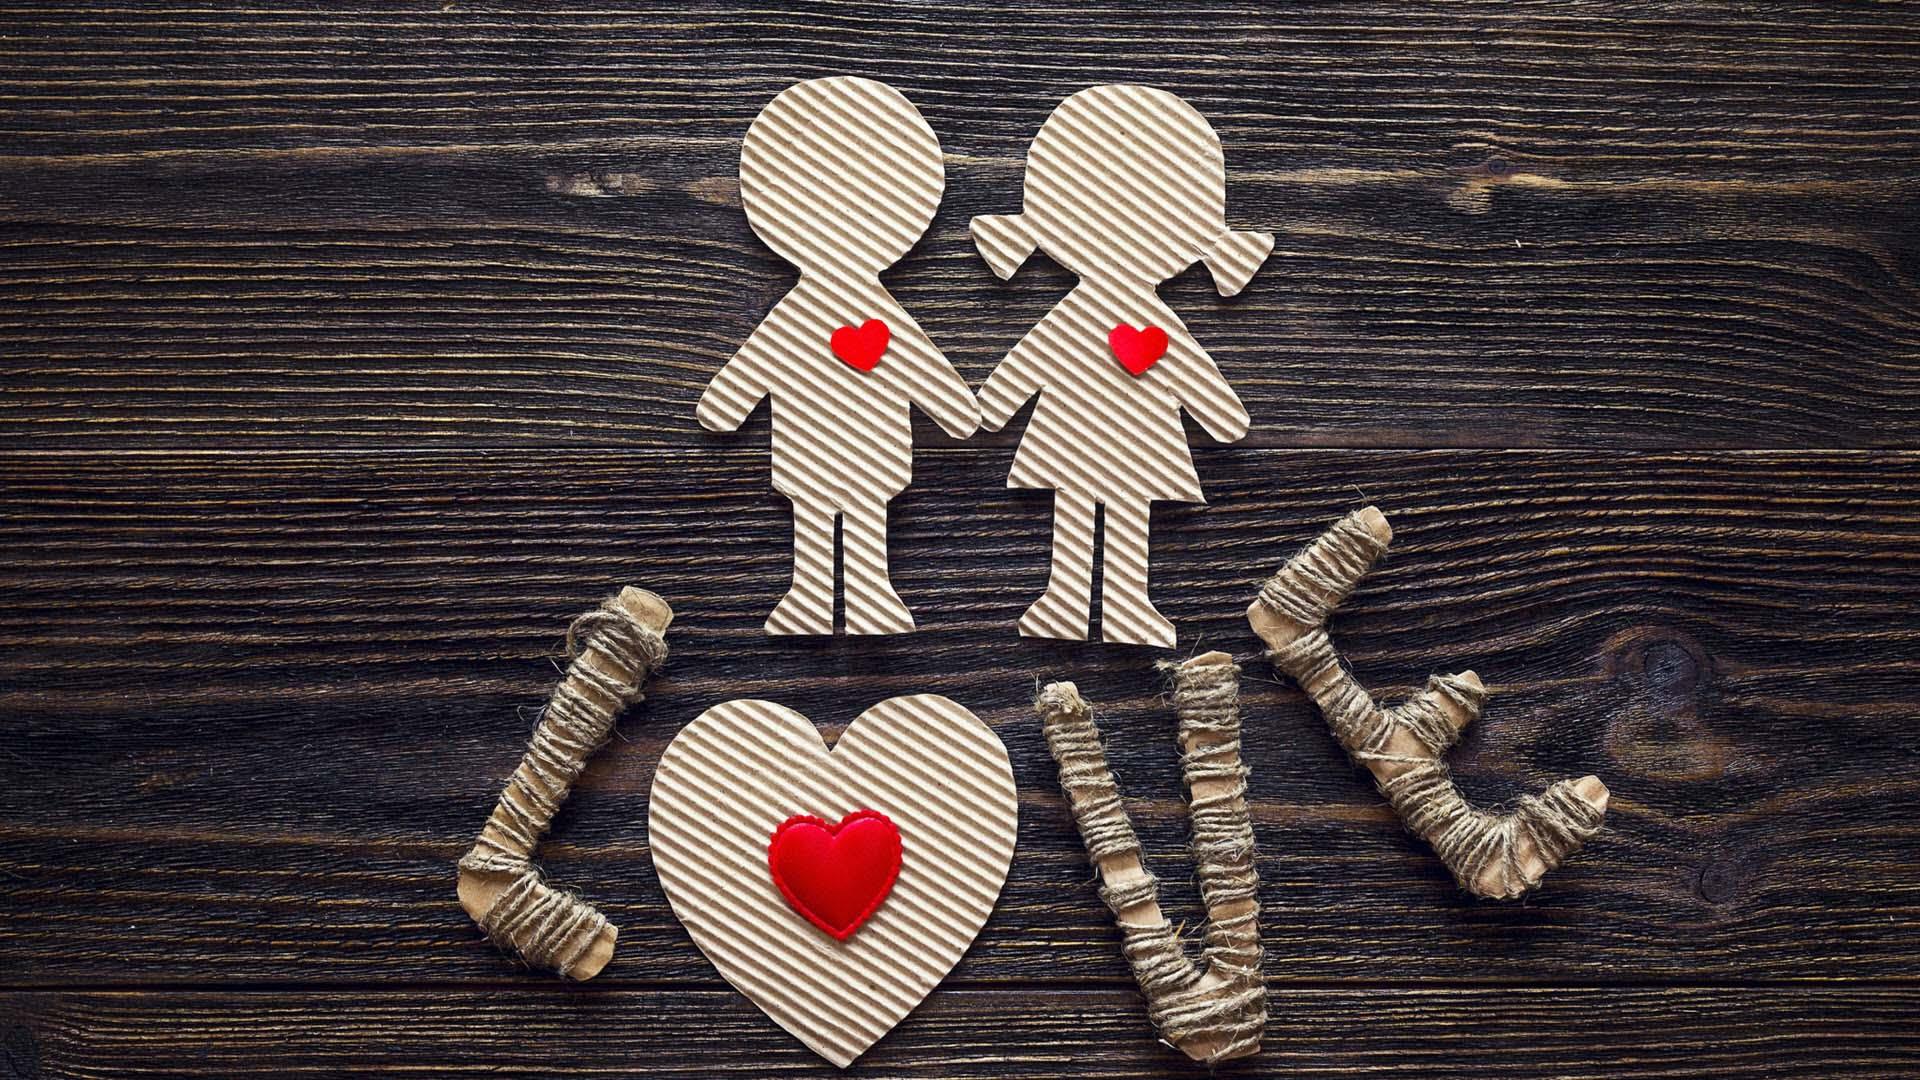 Hình nền tình yêu ngộ nghĩnh nhất